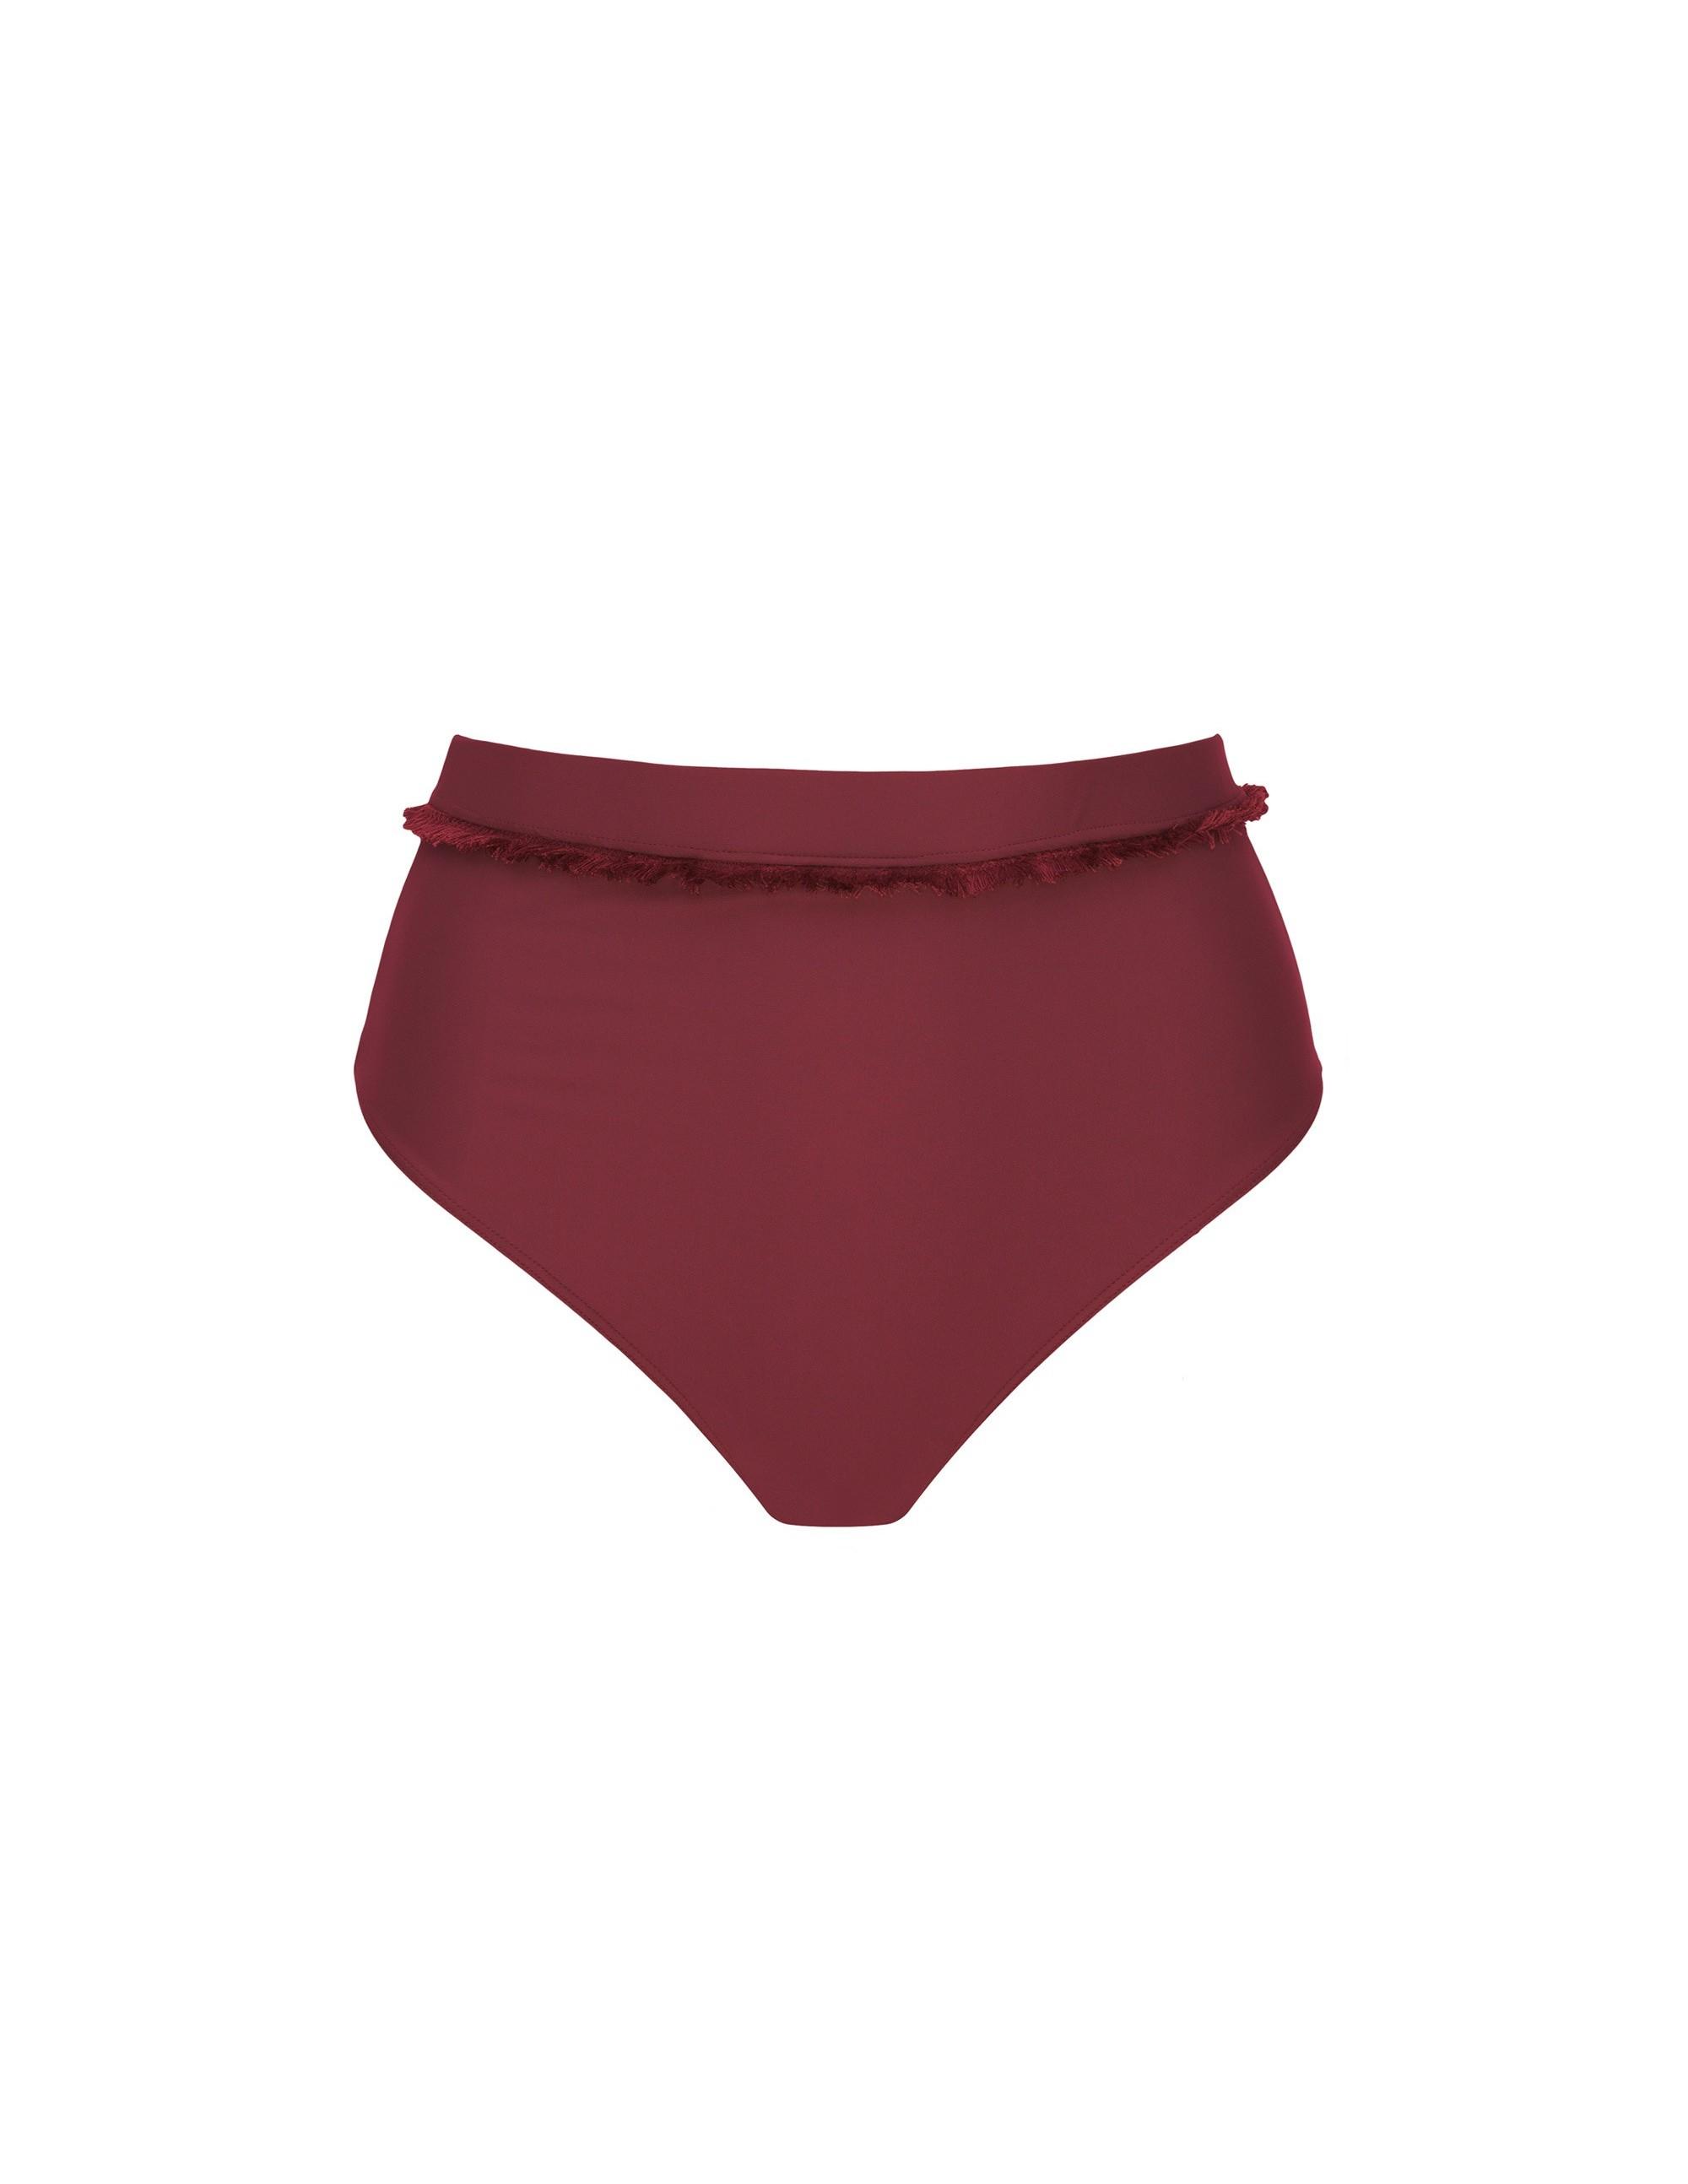 NAKU bikini bottom - MASAAI